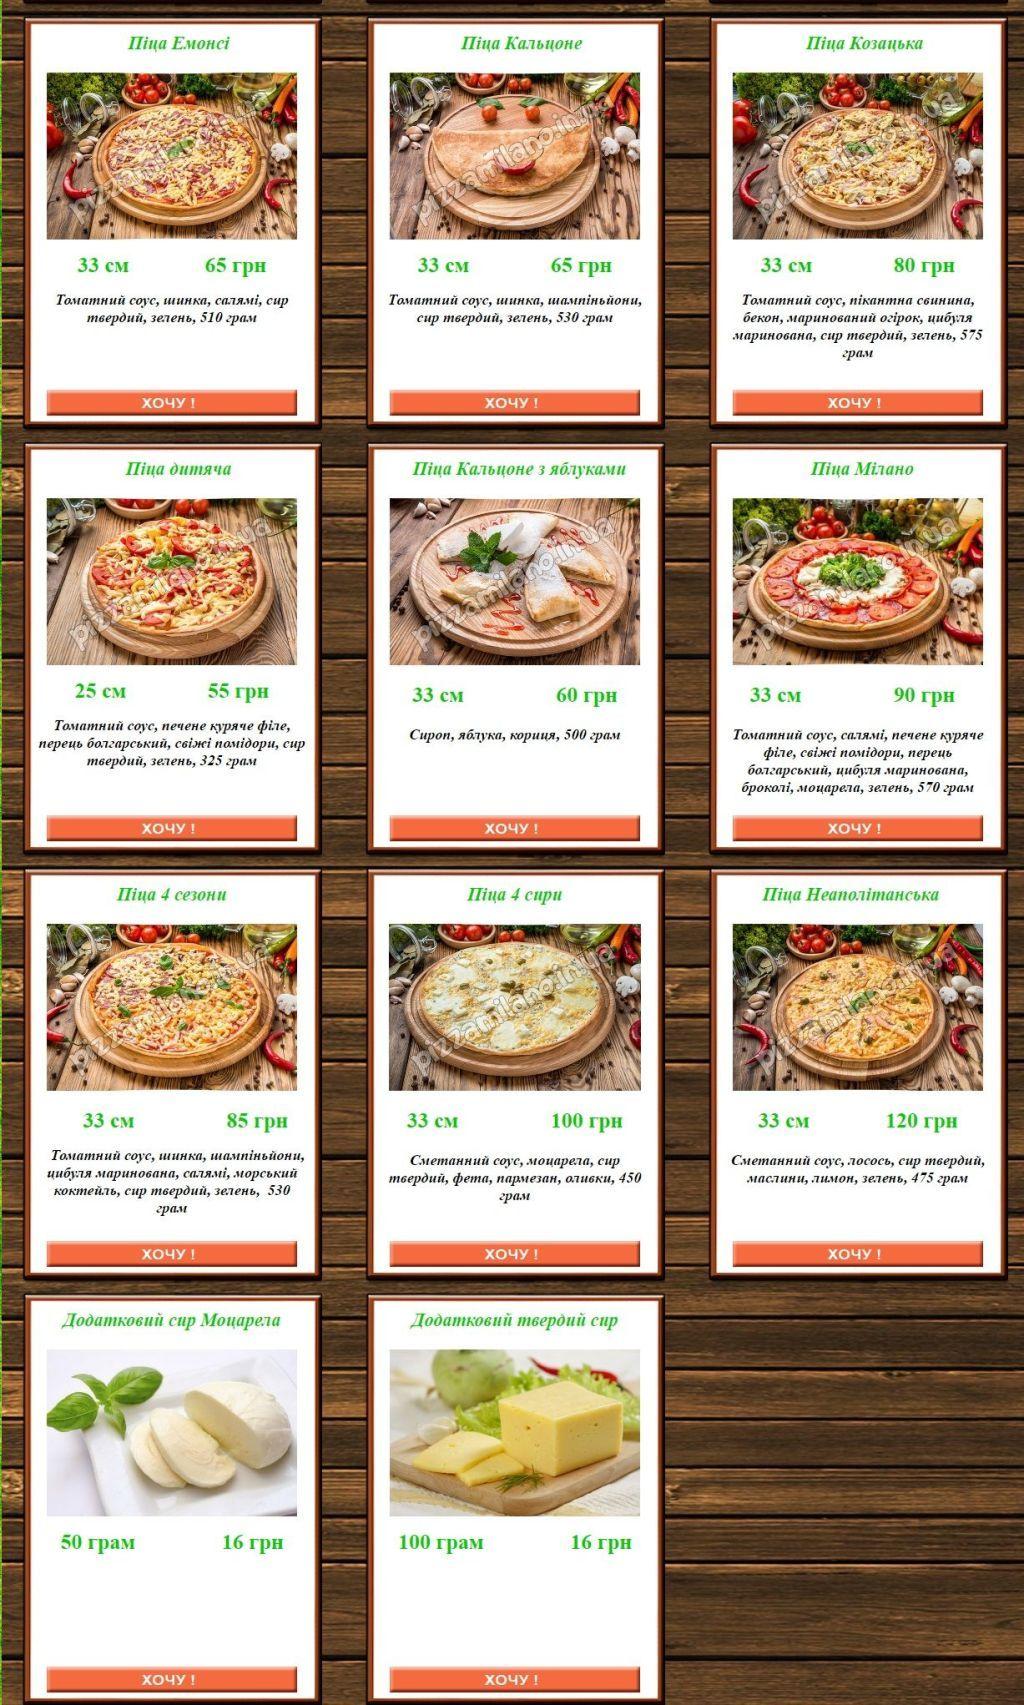 Меню Milano, кафе-піцерія - сторінка 2